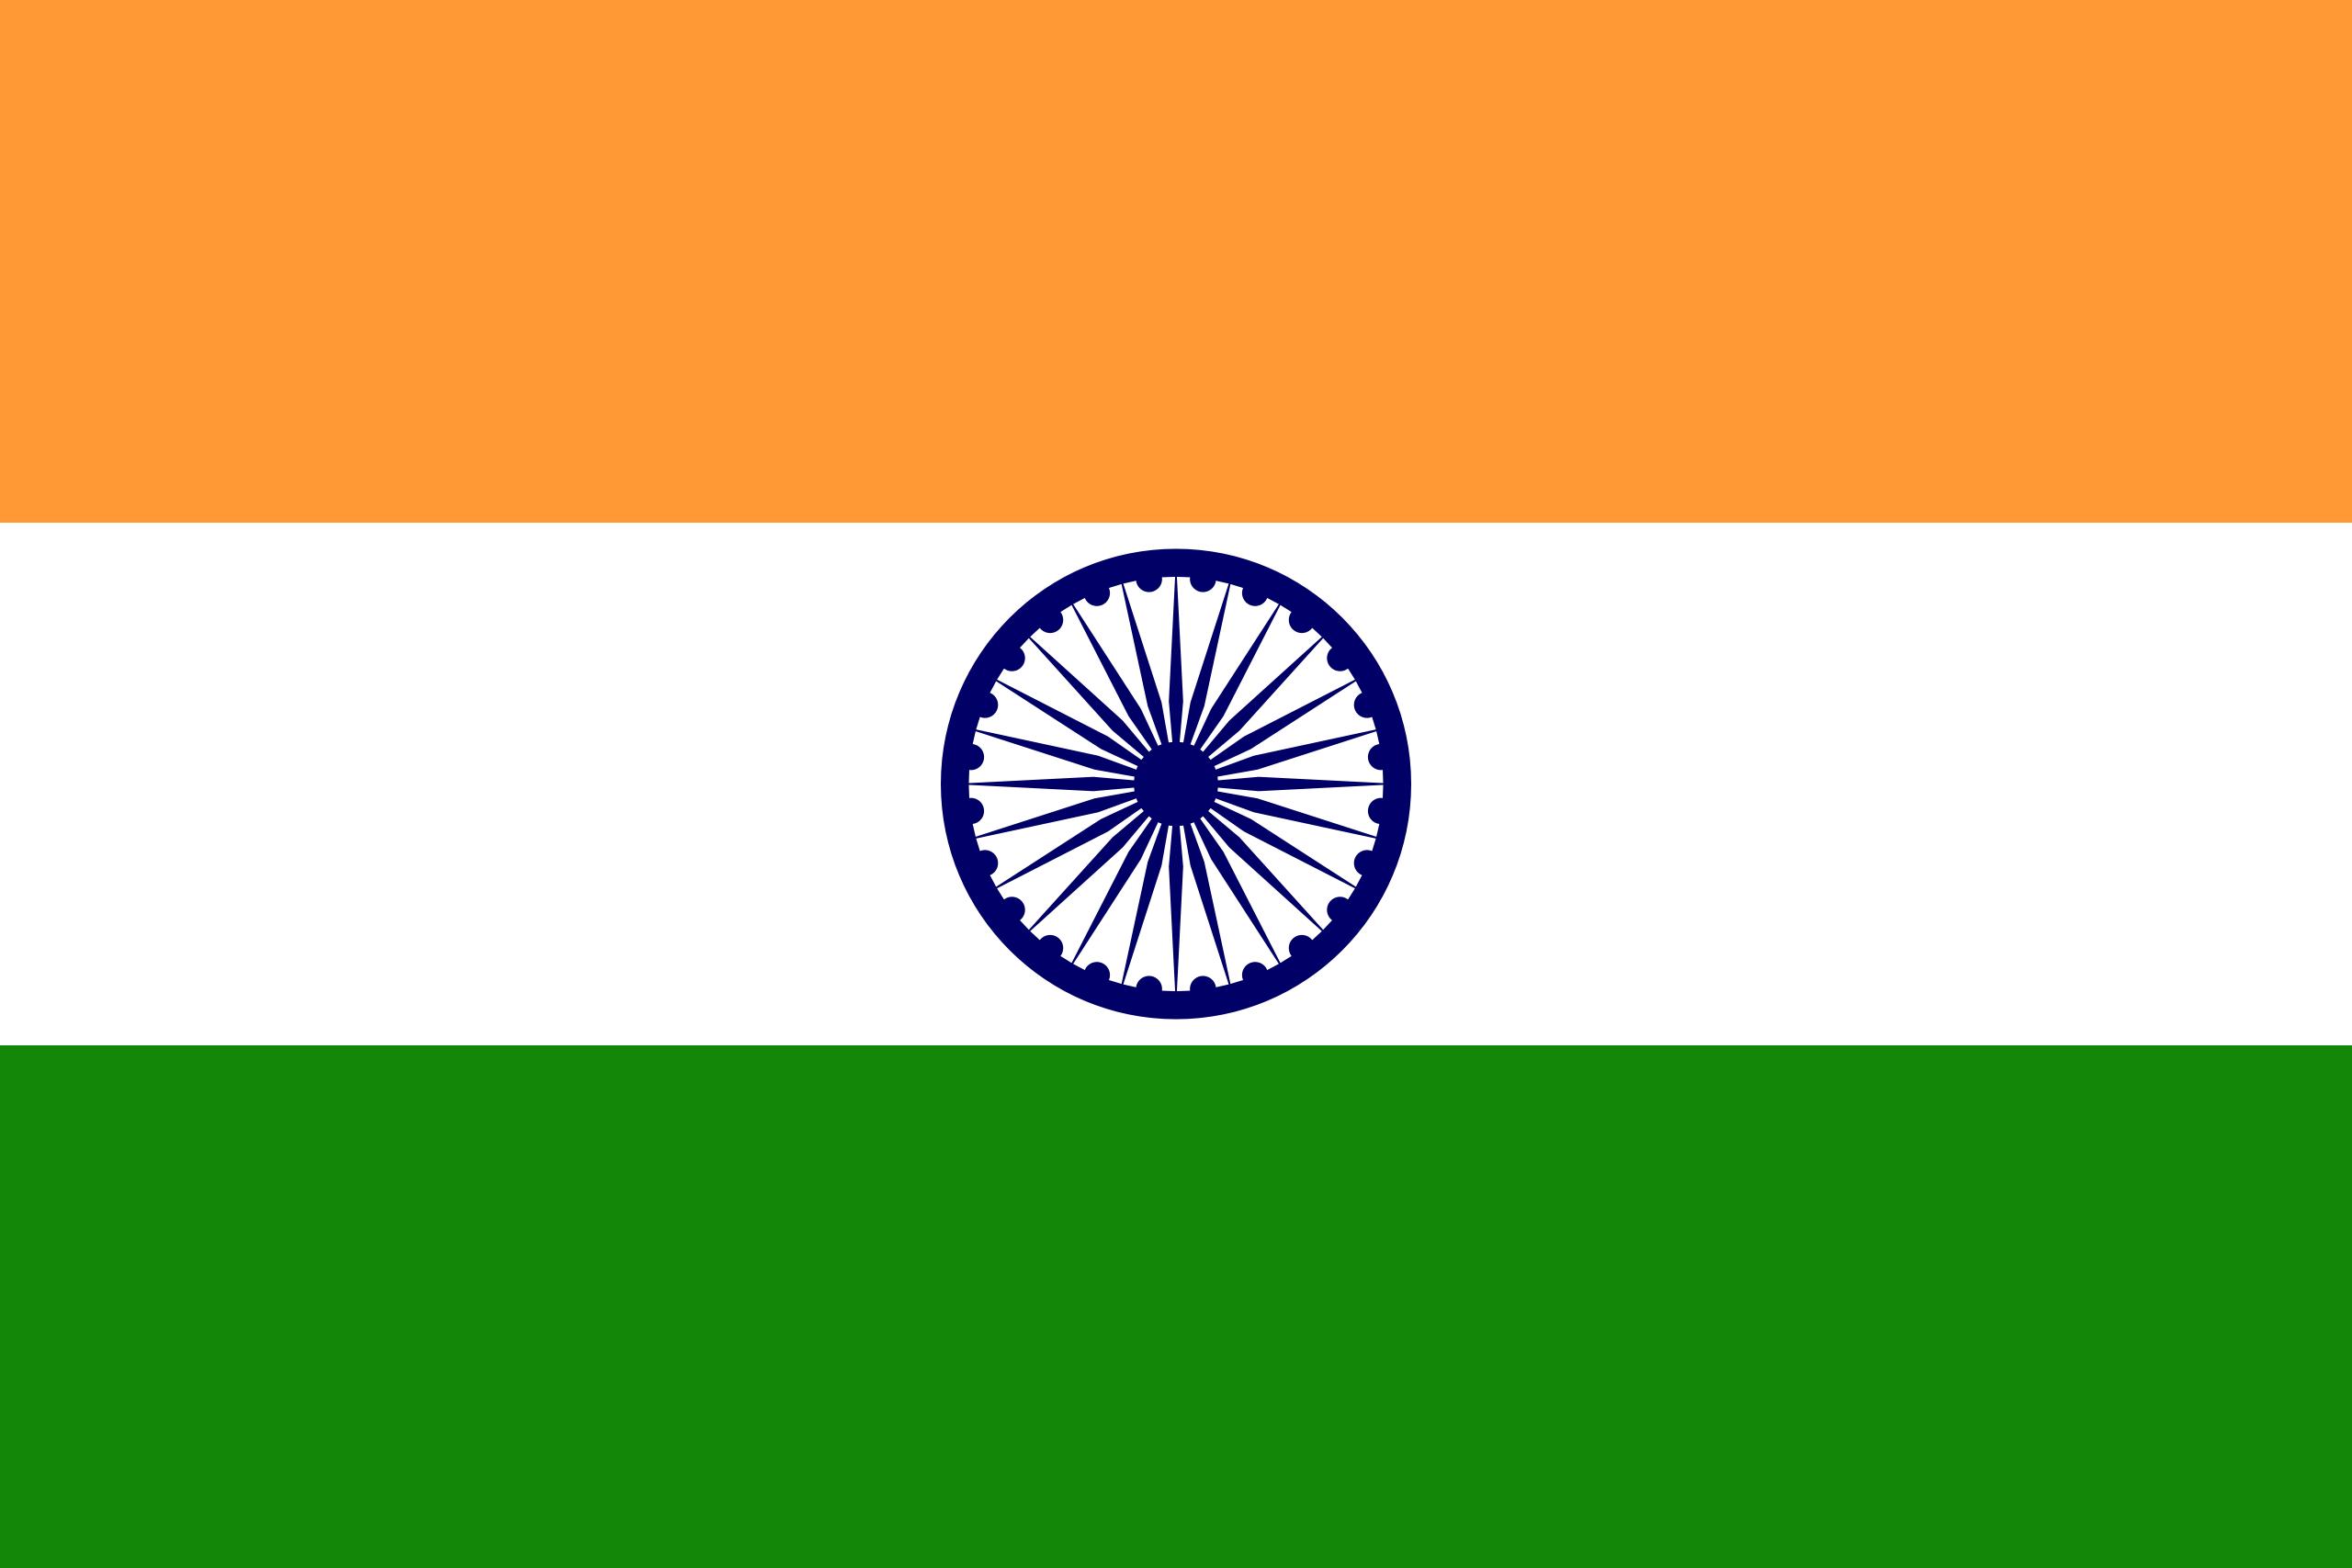 Índia, país, Brasão de armas, logotipo, símbolo - Papéis de parede HD - Professor-falken.com